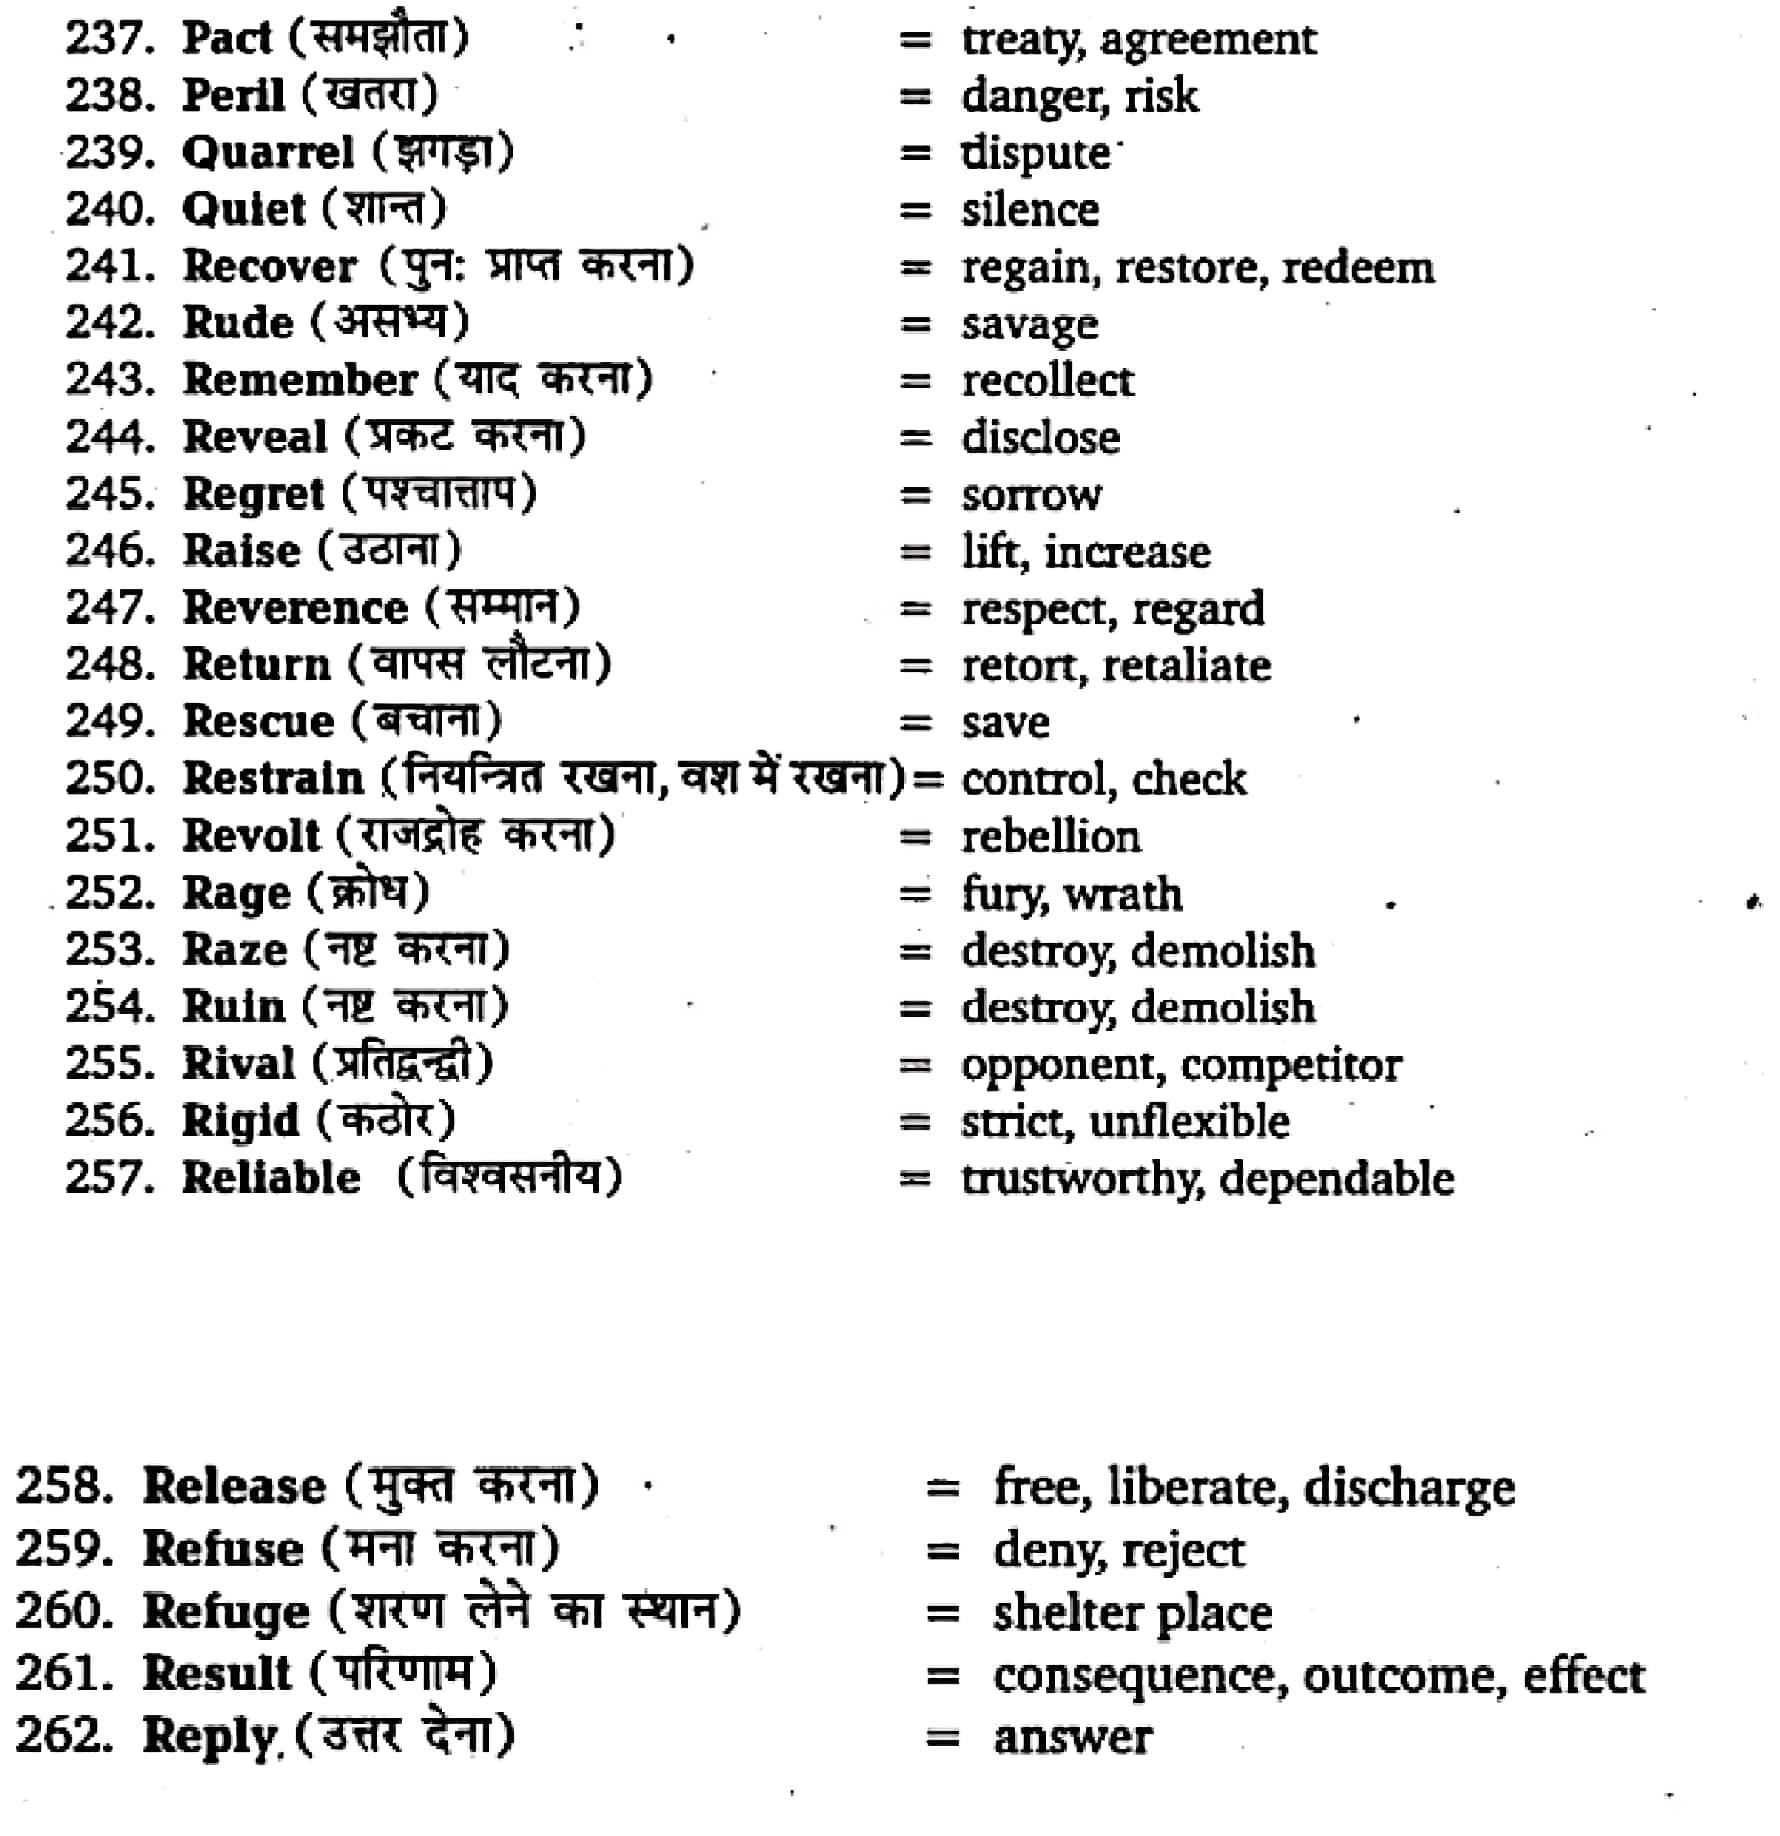 कक्षा 11 अंग्रेज़ी शब्दावली अध्याय 1  के नोट्स हिंदी में एनसीईआरटी समाधान,   class 11 english Synonyms chapter 1,  class 11 english Synonyms chapter 1 ncert solutions in hindi,  class 11 english Synonyms chapter 1 notes in hindi,  class 11 english Synonyms chapter 1 question answer,  class 11 english Synonyms chapter 1 notes,  11   class Synonyms chapter 1 Synonyms chapter 1 in hindi,  class 11 english Synonyms chapter 1 in hindi,  class 11 english Synonyms chapter 1 important questions in hindi,  class 11 english  chapter 1 notes in hindi,  class 11 english Synonyms chapter 1 test,  class 11 english  chapter 1Synonyms chapter 1 pdf,  class 11 english Synonyms chapter 1 notes pdf,  class 11 english Synonyms chapter 1 exercise solutions,  class 11 english Synonyms chapter 1, class 11 english Synonyms chapter 1 notes study rankers,  class 11 english Synonyms chapter 1 notes,  class 11 english  chapter 1 notes,   Synonyms chapter 1  class 11  notes pdf,  Synonyms chapter 1 class 11  notes 1011 ncert,   Synonyms chapter 1 class 11 pdf,    Synonyms chapter 1  book,     Synonyms chapter 1 quiz class 11  ,       11  th Synonyms chapter 1    book up board,       up board 11  th Synonyms chapter 1 notes,  कक्षा 11 अंग्रेज़ी शब्दावली अध्याय 1 , कक्षा 11 अंग्रेज़ी का शब्दावली अध्याय 1  ncert solution in hindi, कक्षा 11 अंग्रेज़ी के शब्दावली अध्याय 1  के नोट्स हिंदी में, कक्षा 11 का अंग्रेज़ीशब्दावली अध्याय 1 का प्रश्न उत्तर, कक्षा 11 अंग्रेज़ी शब्दावली अध्याय 1 के नोट्स, 11 कक्षा अंग्रेज़ी शब्दावली अध्याय 1   हिंदी में,कक्षा 11 अंग्रेज़ी शब्दावली अध्याय 1  हिंदी में, कक्षा 11 अंग्रेज़ी शब्दावली अध्याय 1  महत्वपूर्ण प्रश्न हिंदी में,कक्षा 11 के अंग्रेज़ी के नोट्स हिंदी में,अंग्रेज़ी कक्षा 11 नोट्स pdf,  अंग्रेज़ी  कक्षा 11 नोट्स 2021 ncert,  अंग्रेज़ी  कक्षा 11 pdf,  अंग्रेज़ी  पुस्तक,  अंग्रेज़ी की बुक,  अंग्रेज़ी  प्रश्नोत्तरी class 11  , 11   वीं अंग्रेज़ी  पुस्तक up board,  बिहार बोर्ड 11  पुस्तक वीं अंग्रेज़ी नोट्स,    11th Prose chapter 1   book in hindi,11  th Prose chap